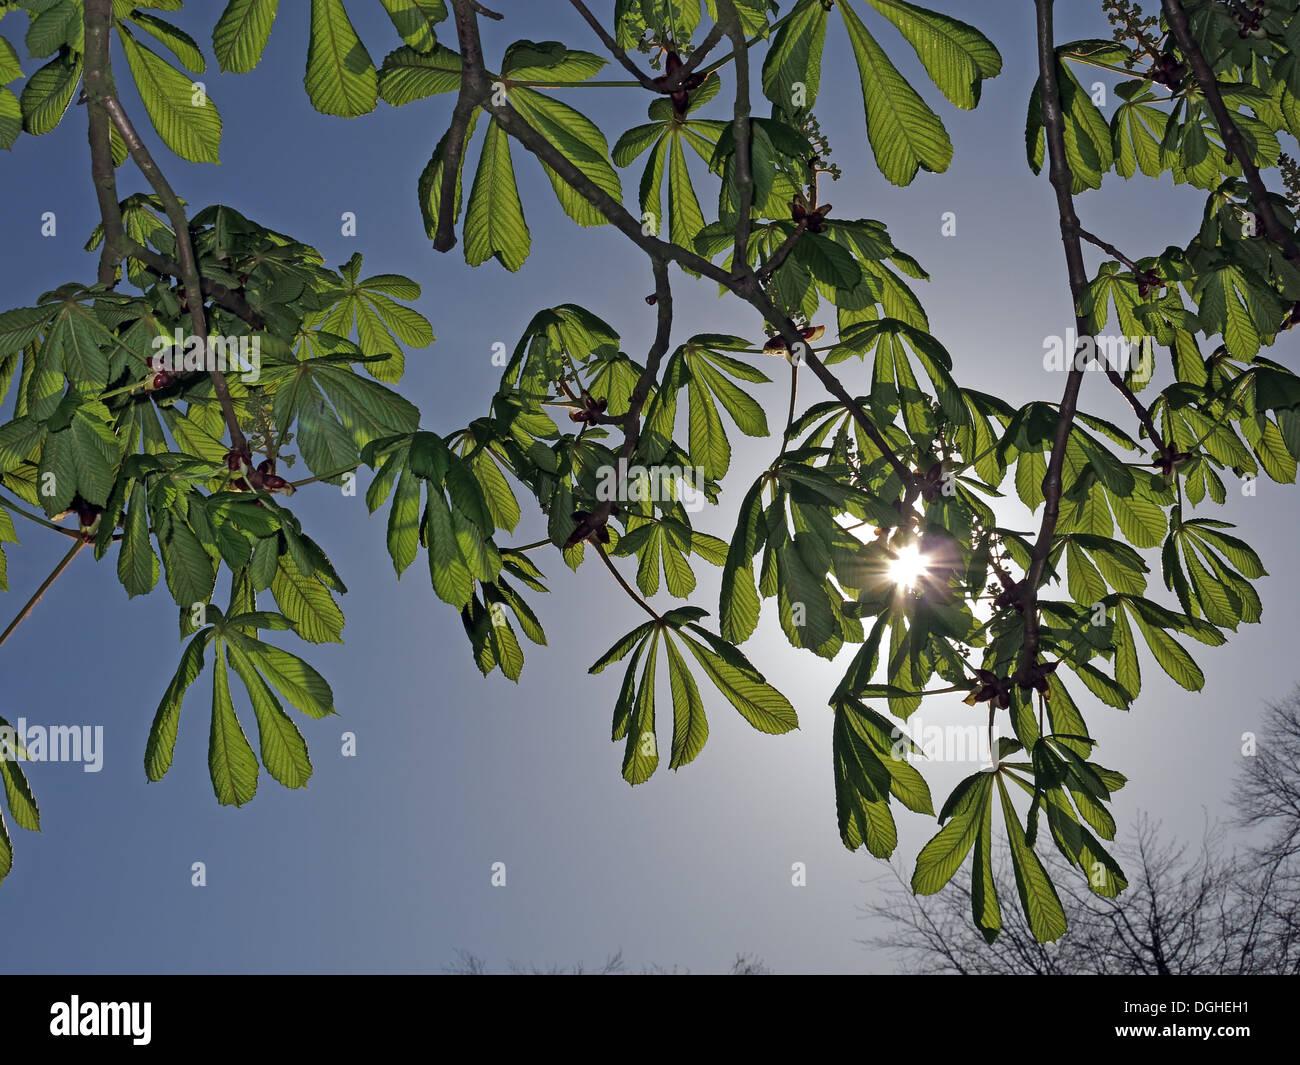 Laden Sie dieses Alamy Stockfoto Rosskastanie mit Sonne im Rücken, Aesculus Hippocastanum im Frühjahr - DGHEH1